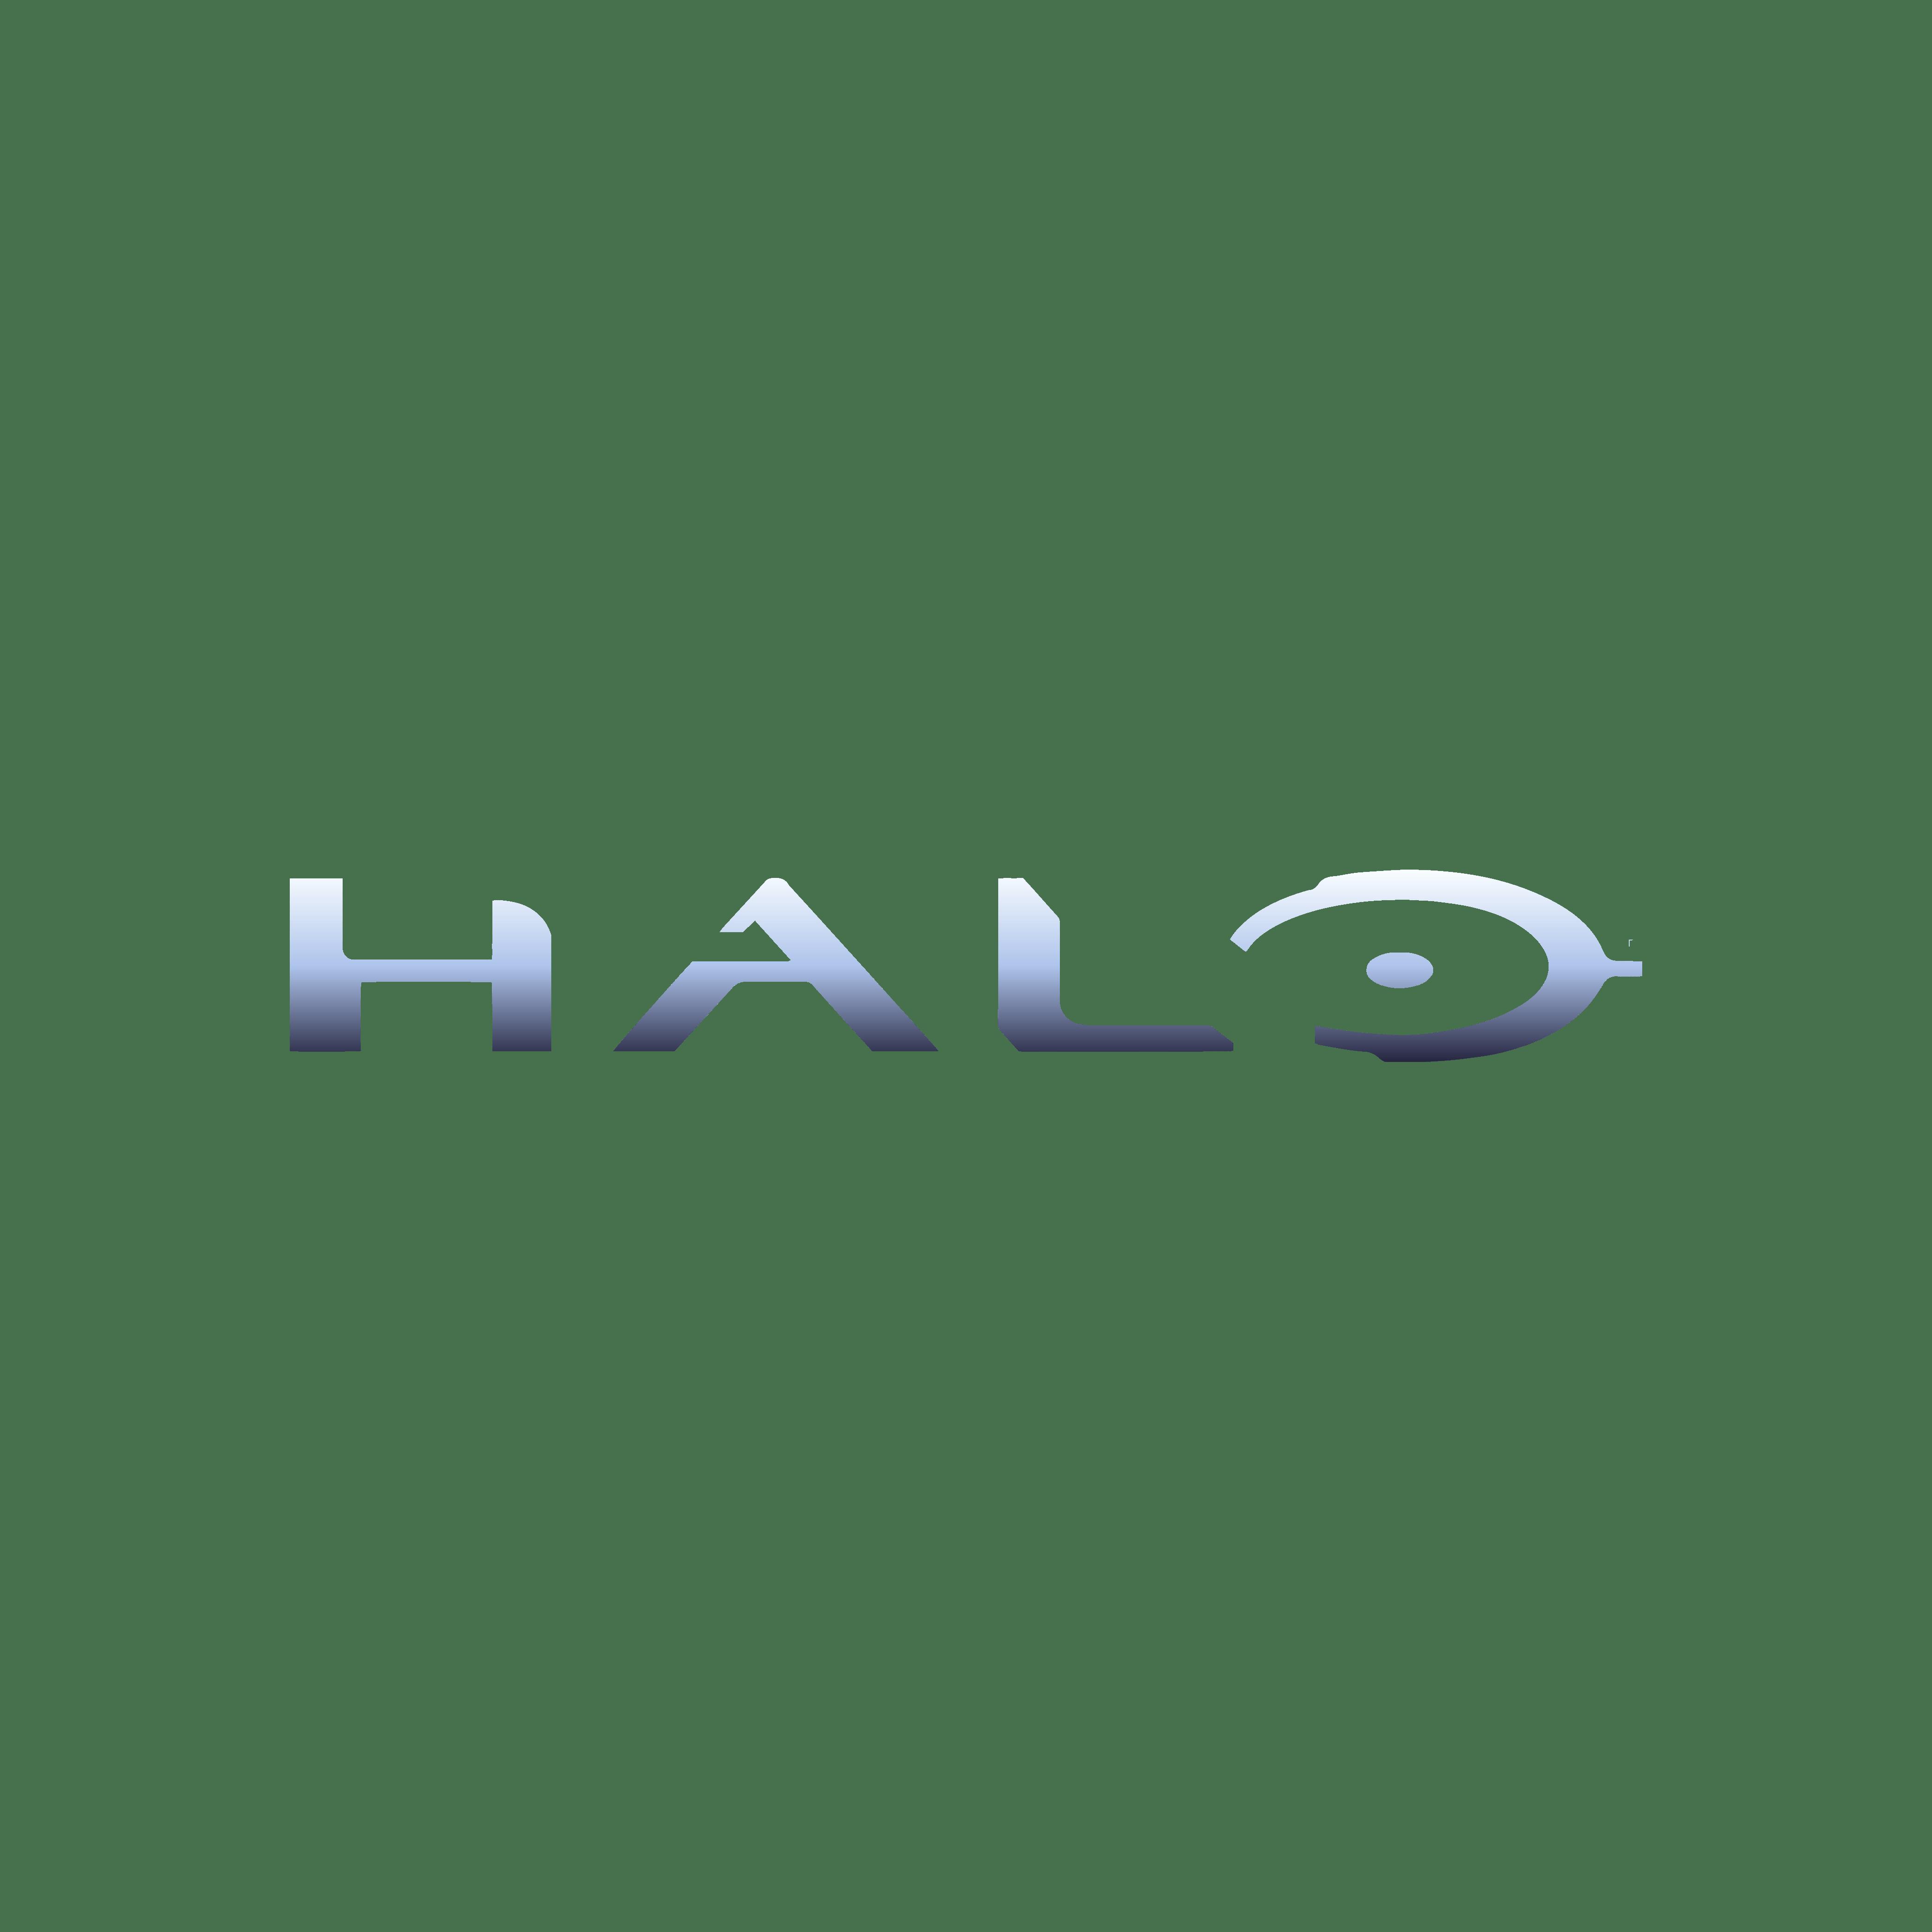 Halo Colour Logo